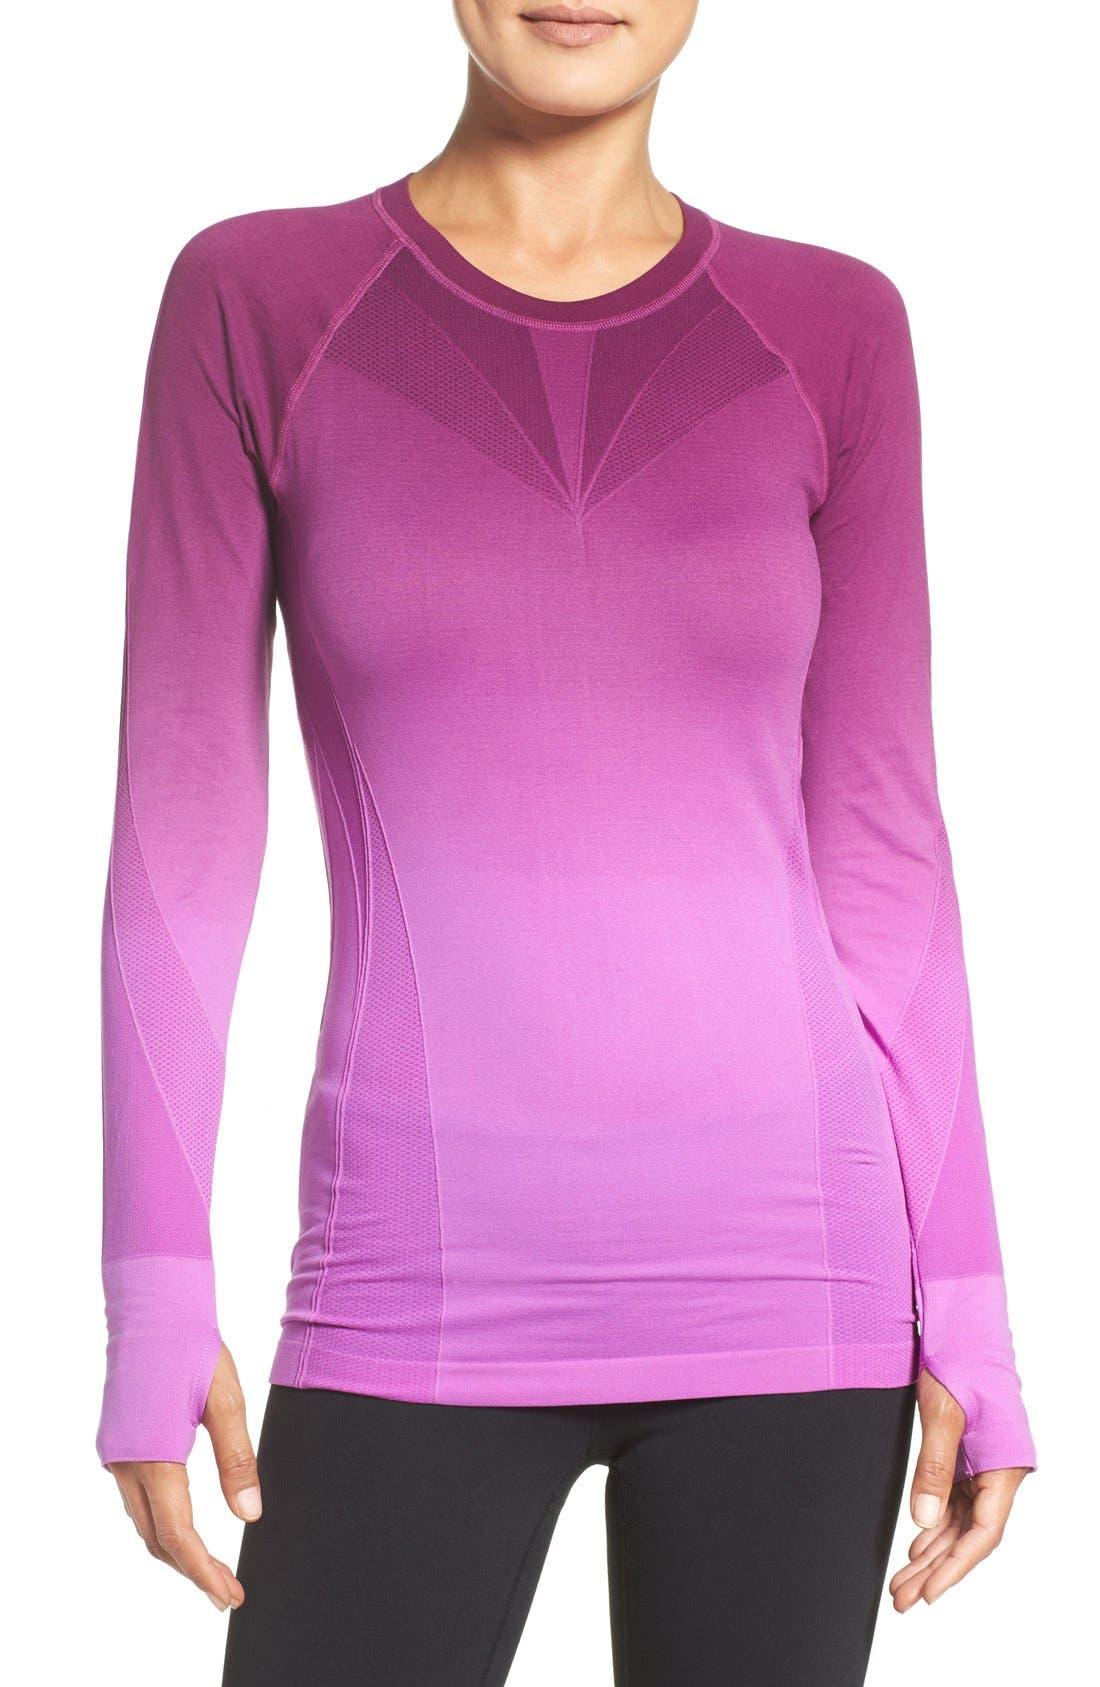 Climawear Dip Dye Long Sleeve Top